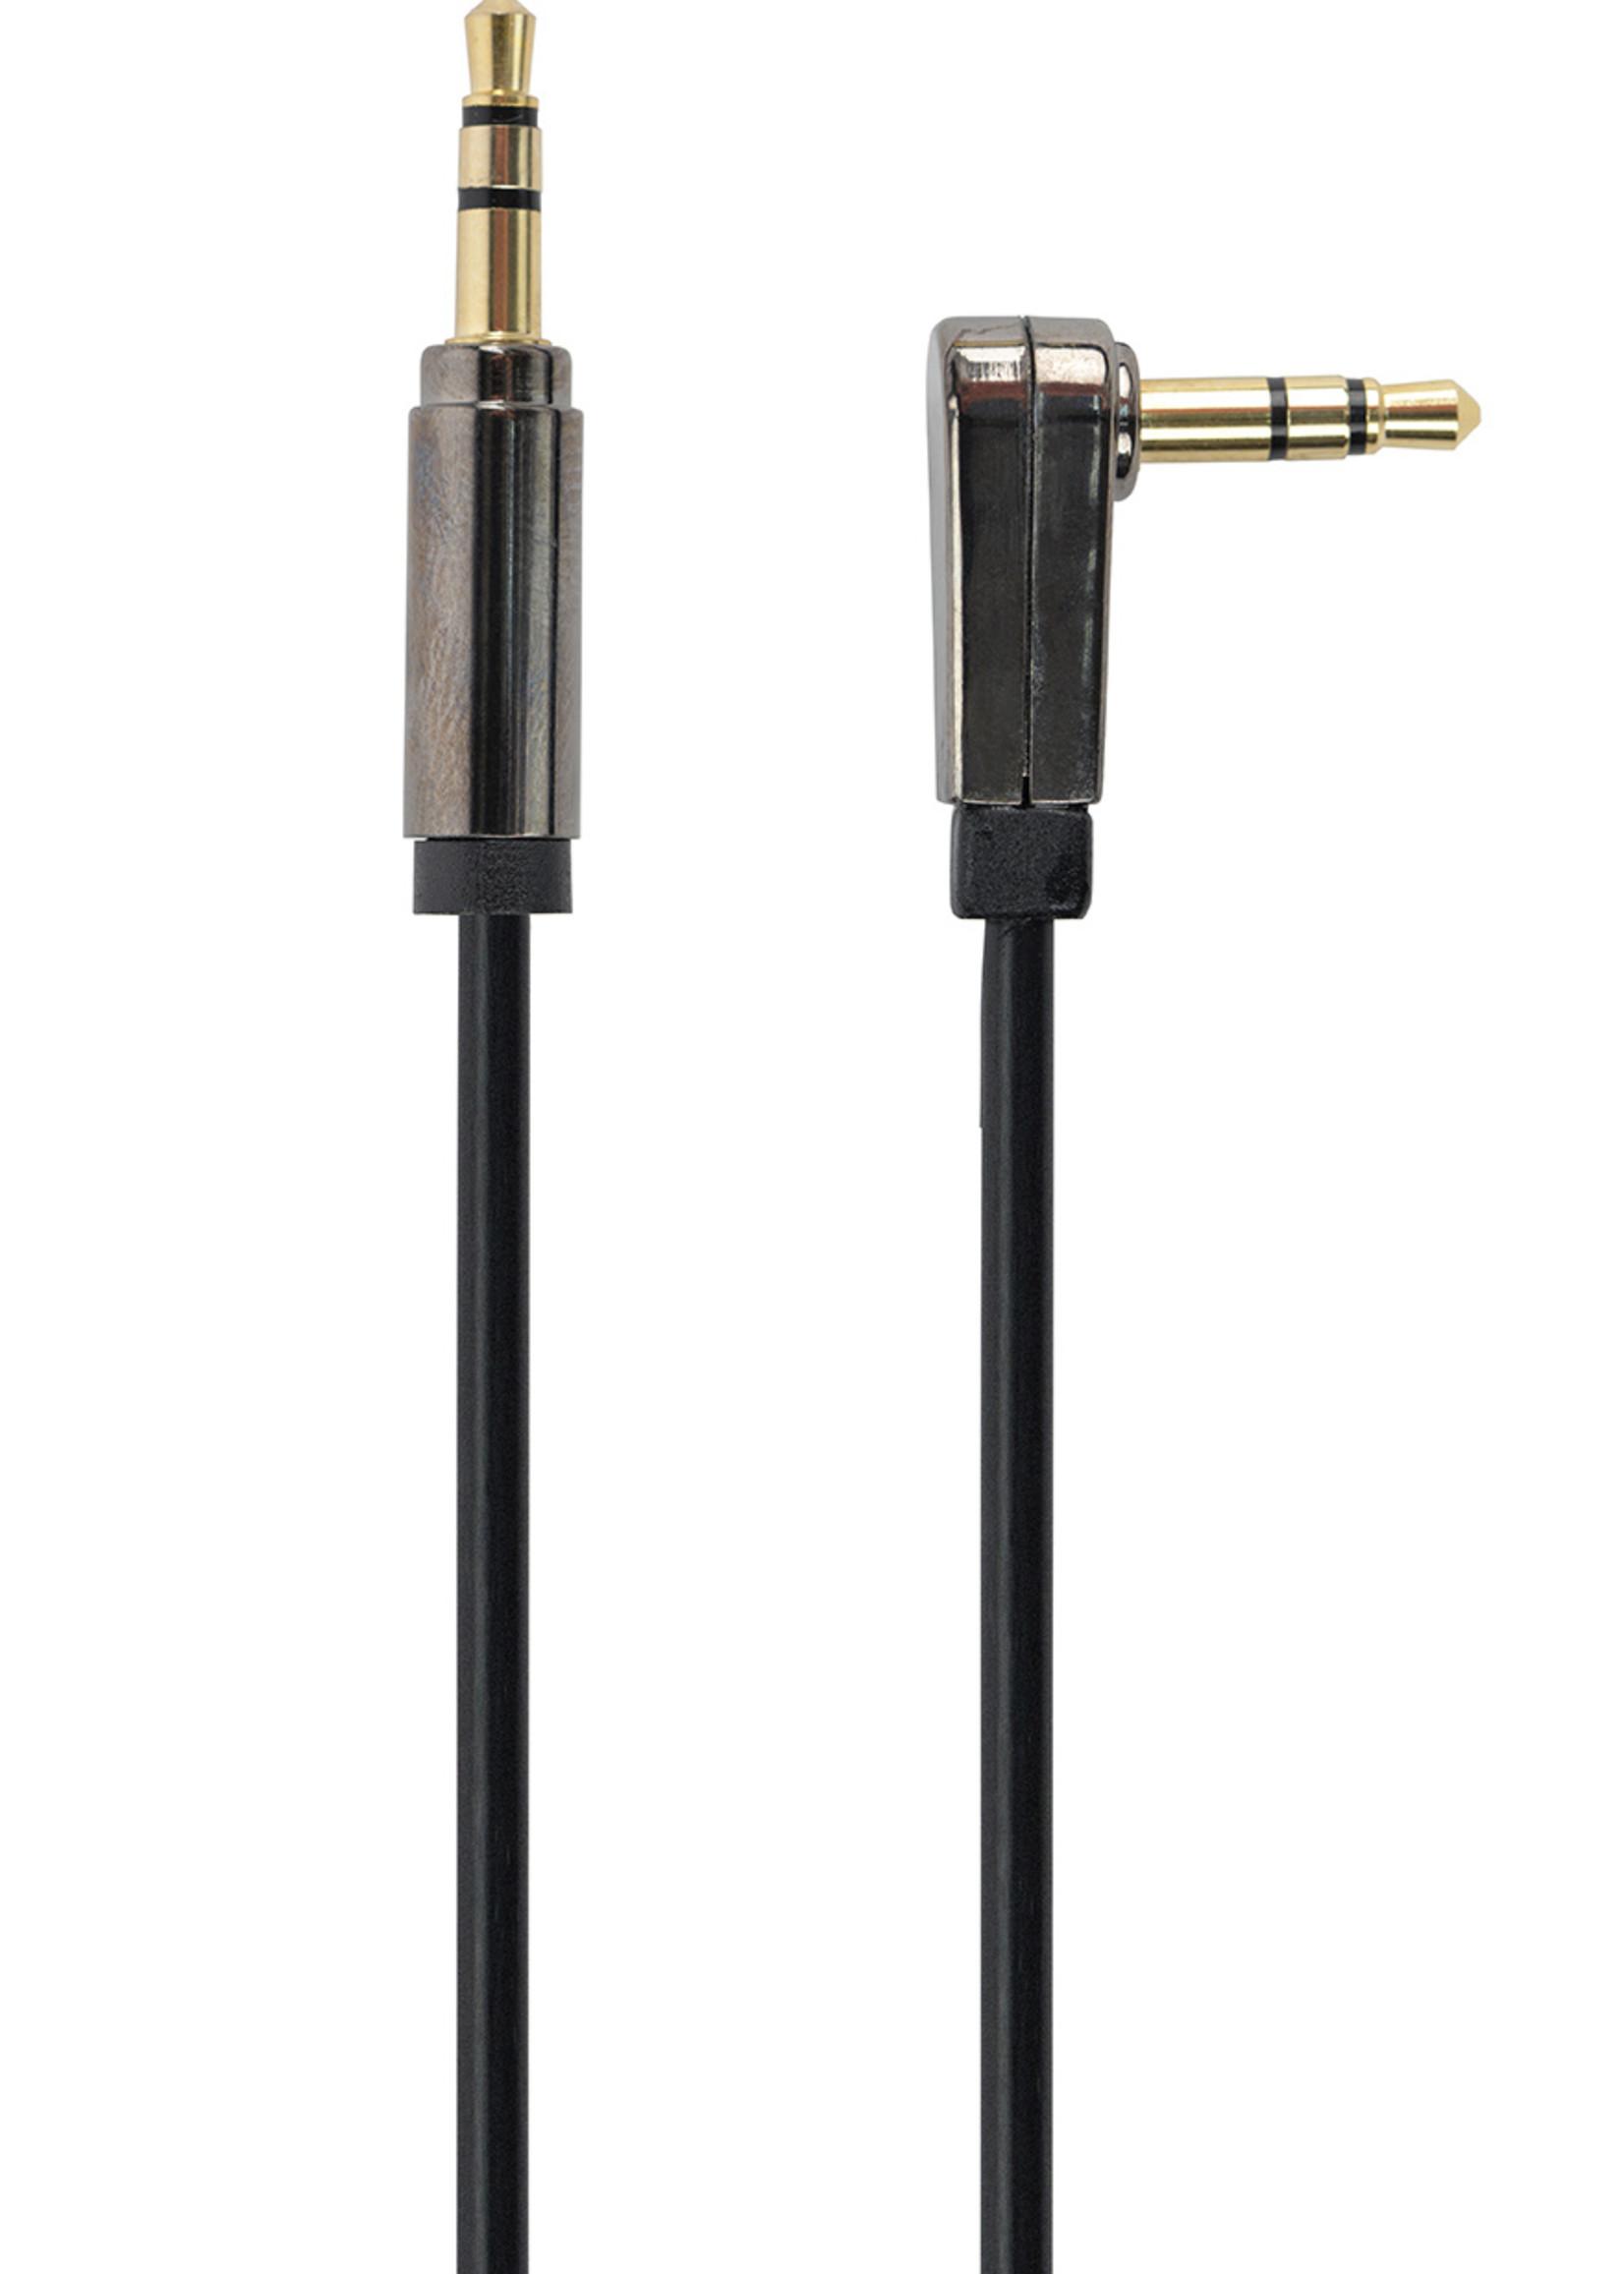 CableXpert 3.5 mm stereo audiokabel met haakse stekker, 1 meter